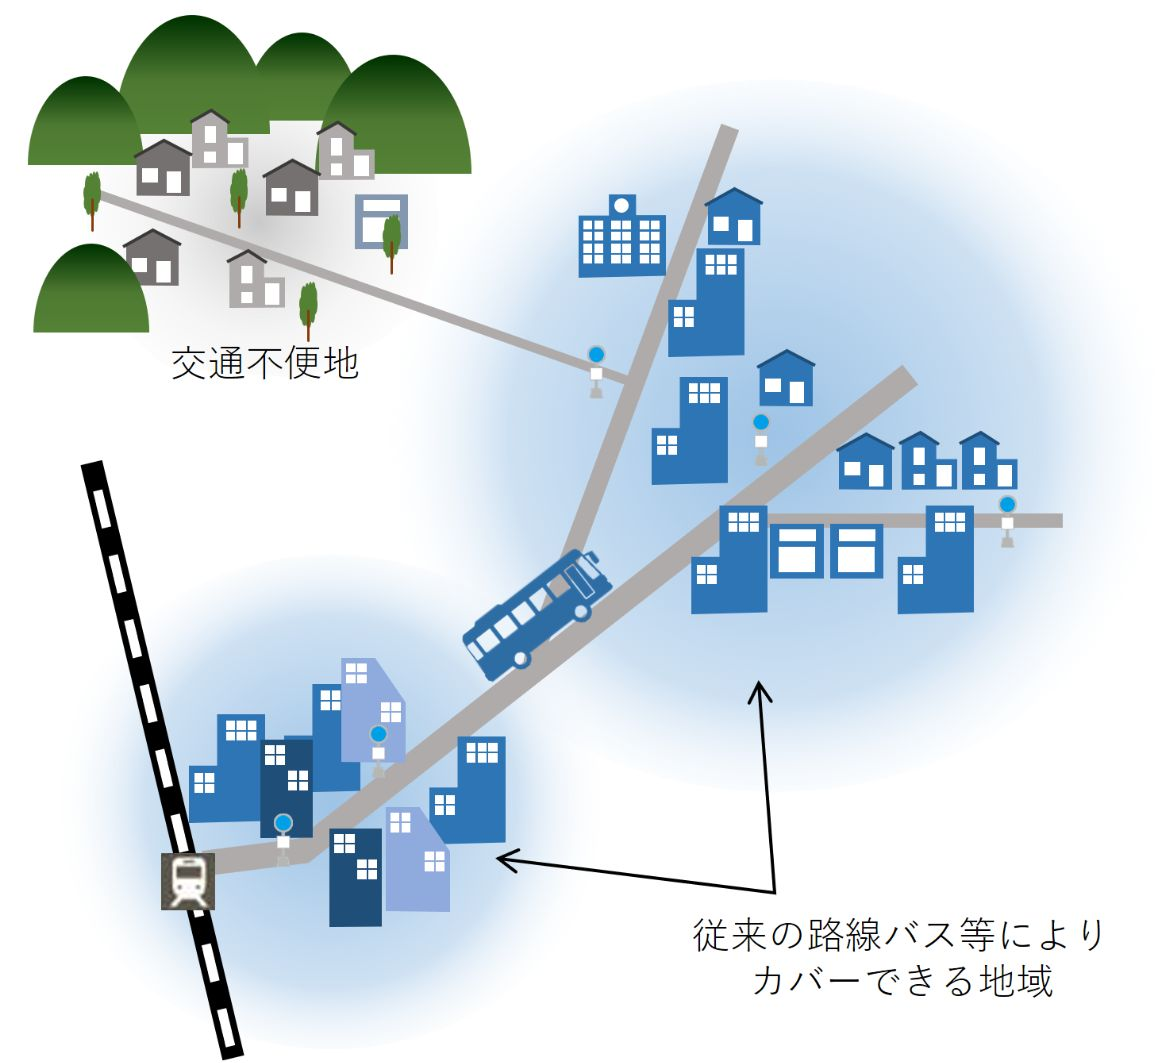 従来の交通イメージ